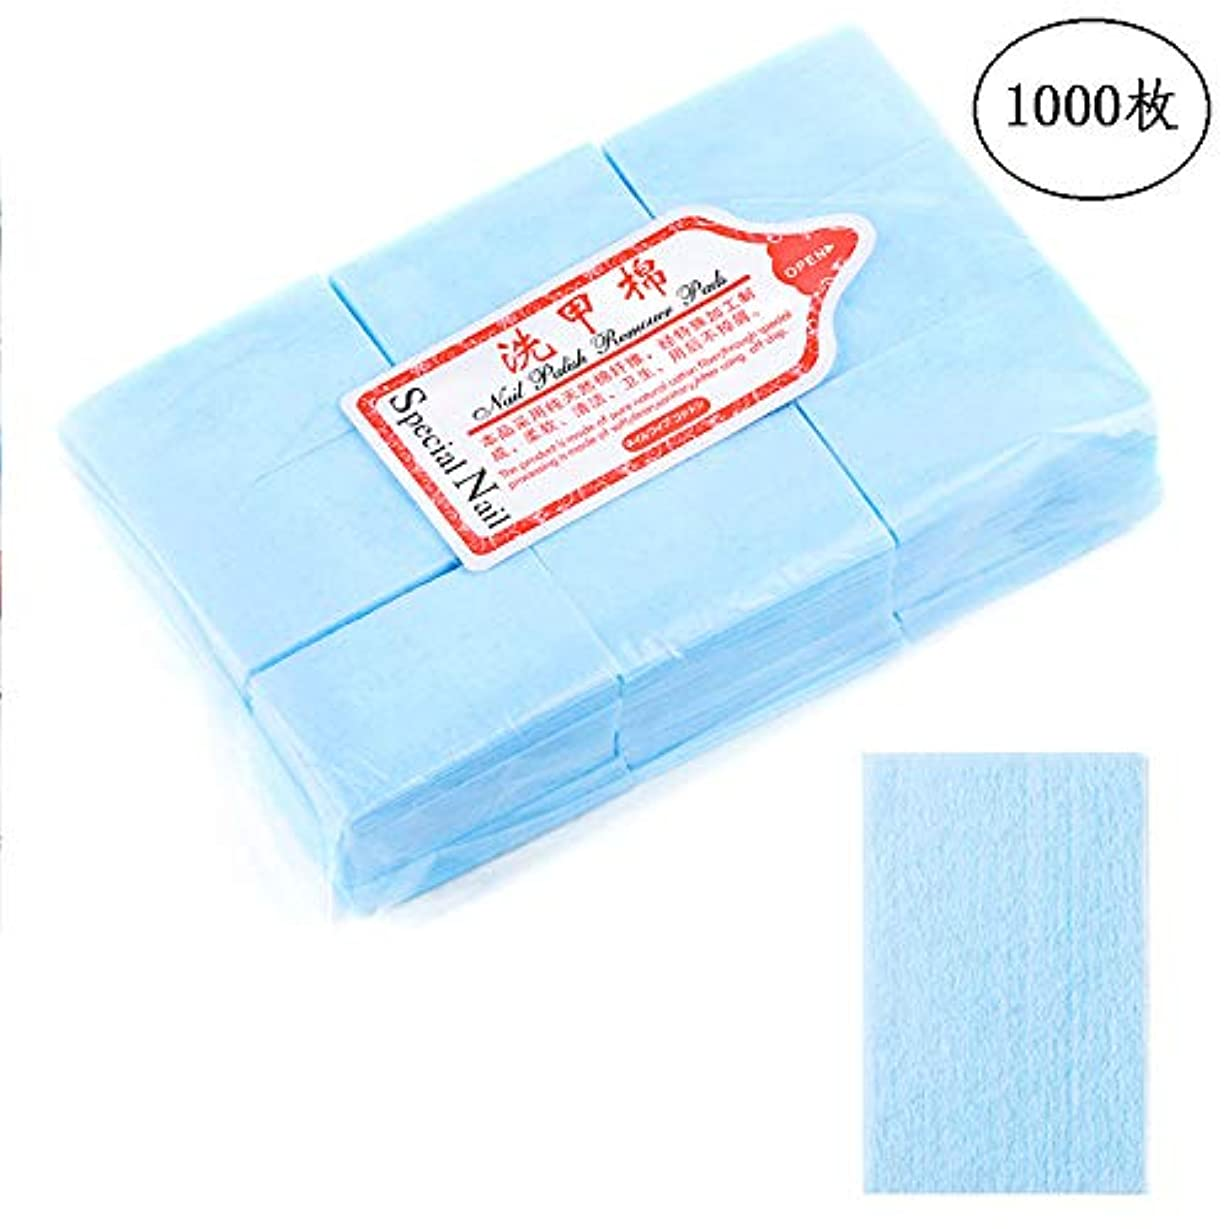 試みる単なるお風呂1000枚入りネイルワイプ コットン ネイルオフ不織布